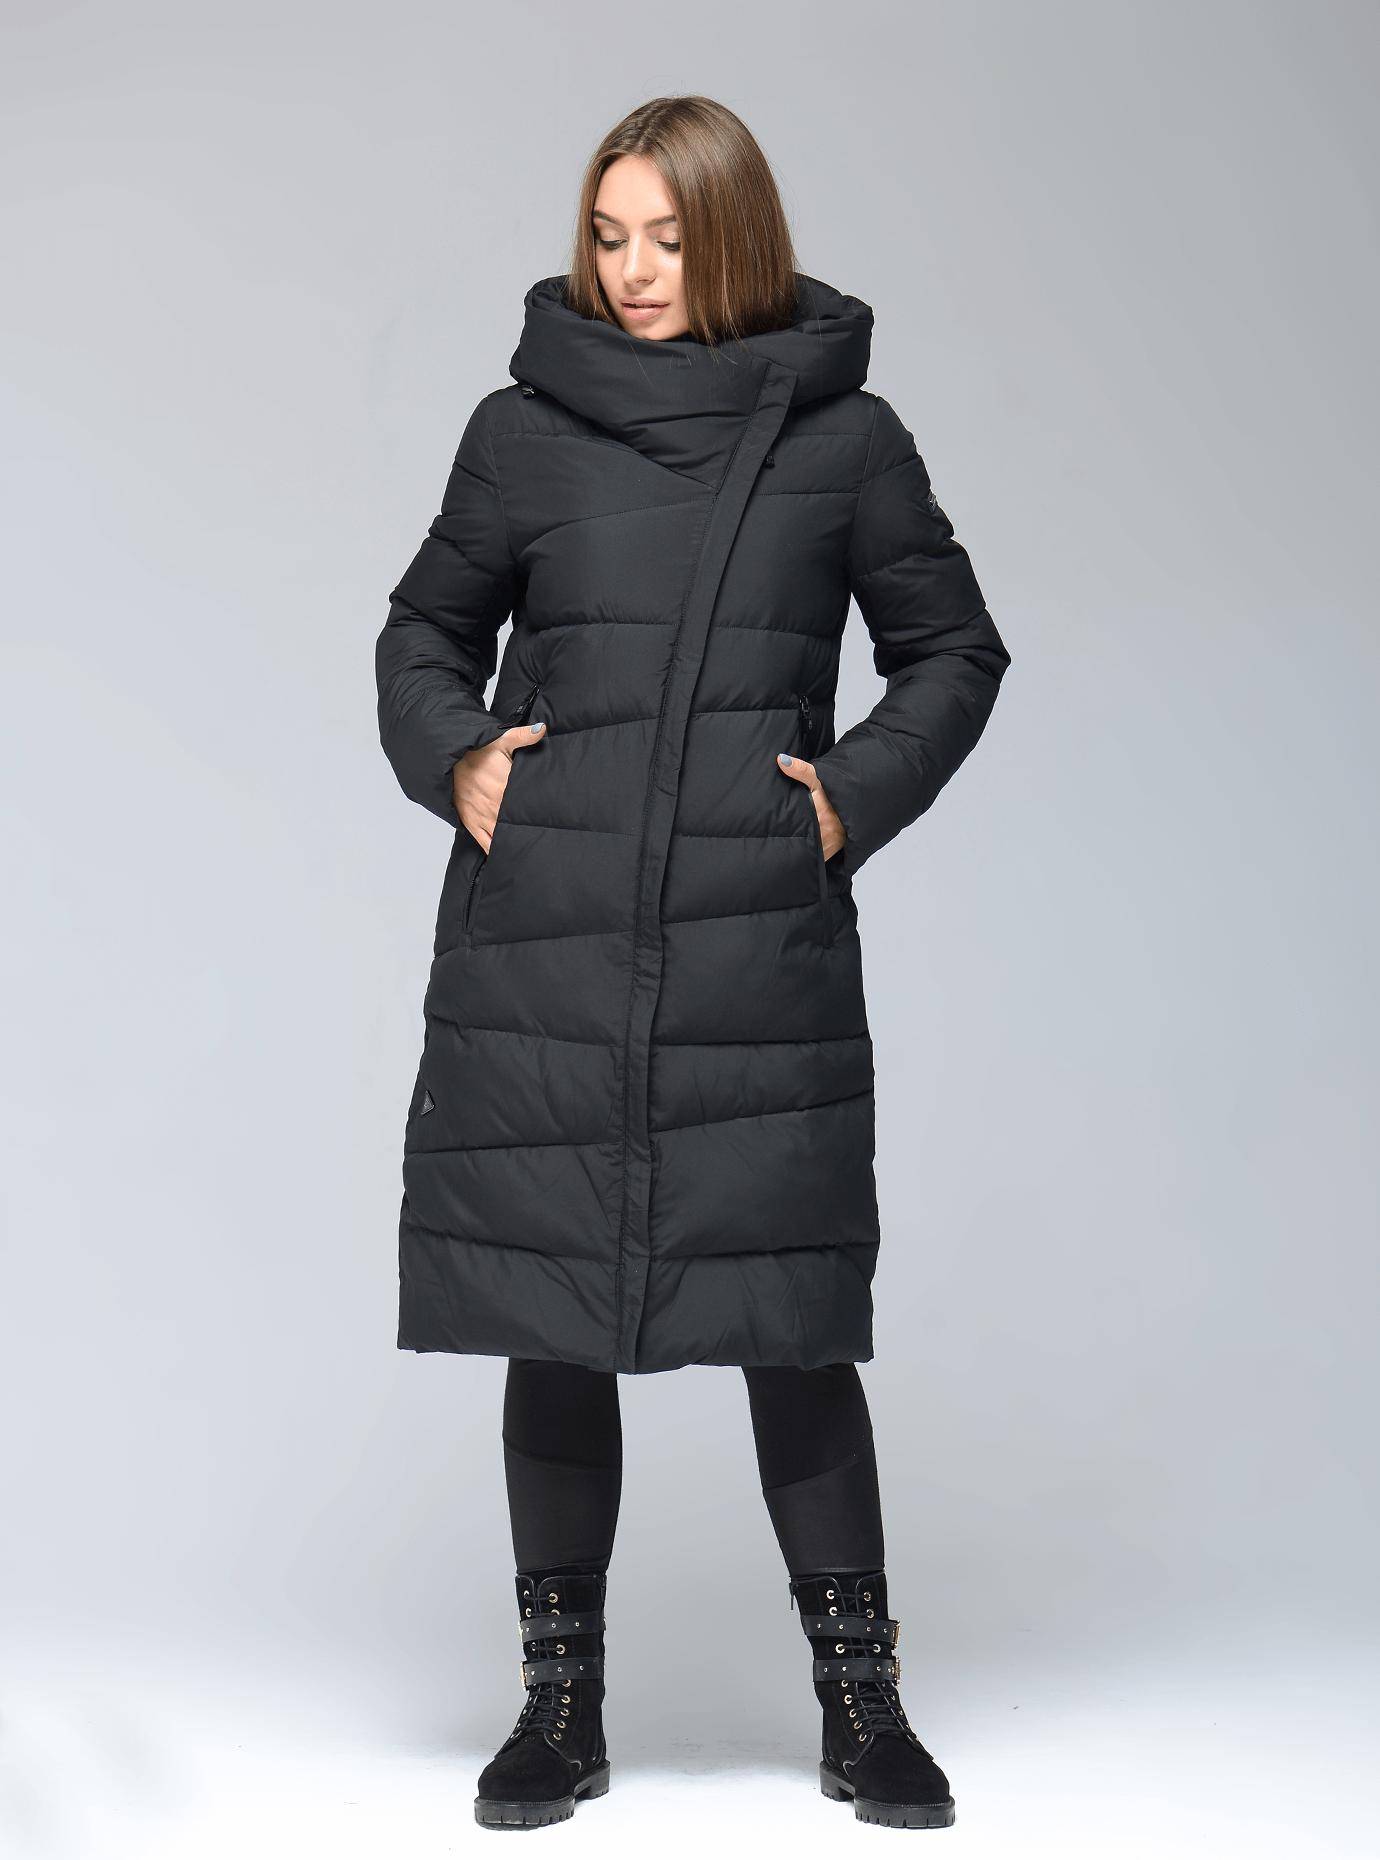 Куртка зимняя длинная прямая Чёрный S (02-SO19043): фото - Alster.ua